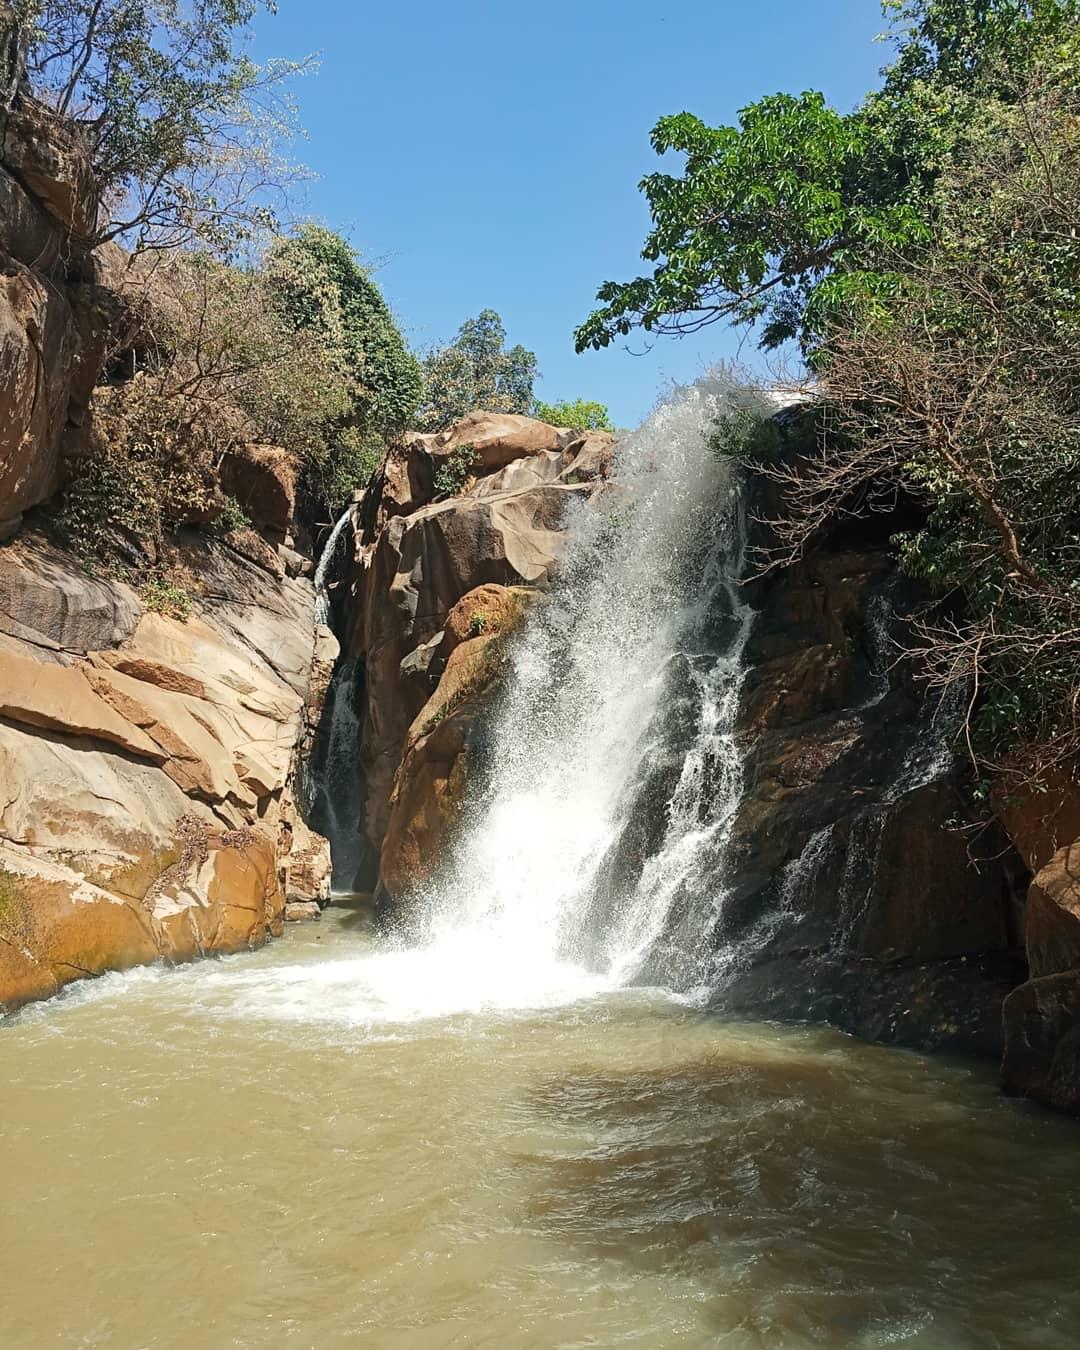 waterfalls in nigeria: Assop falls